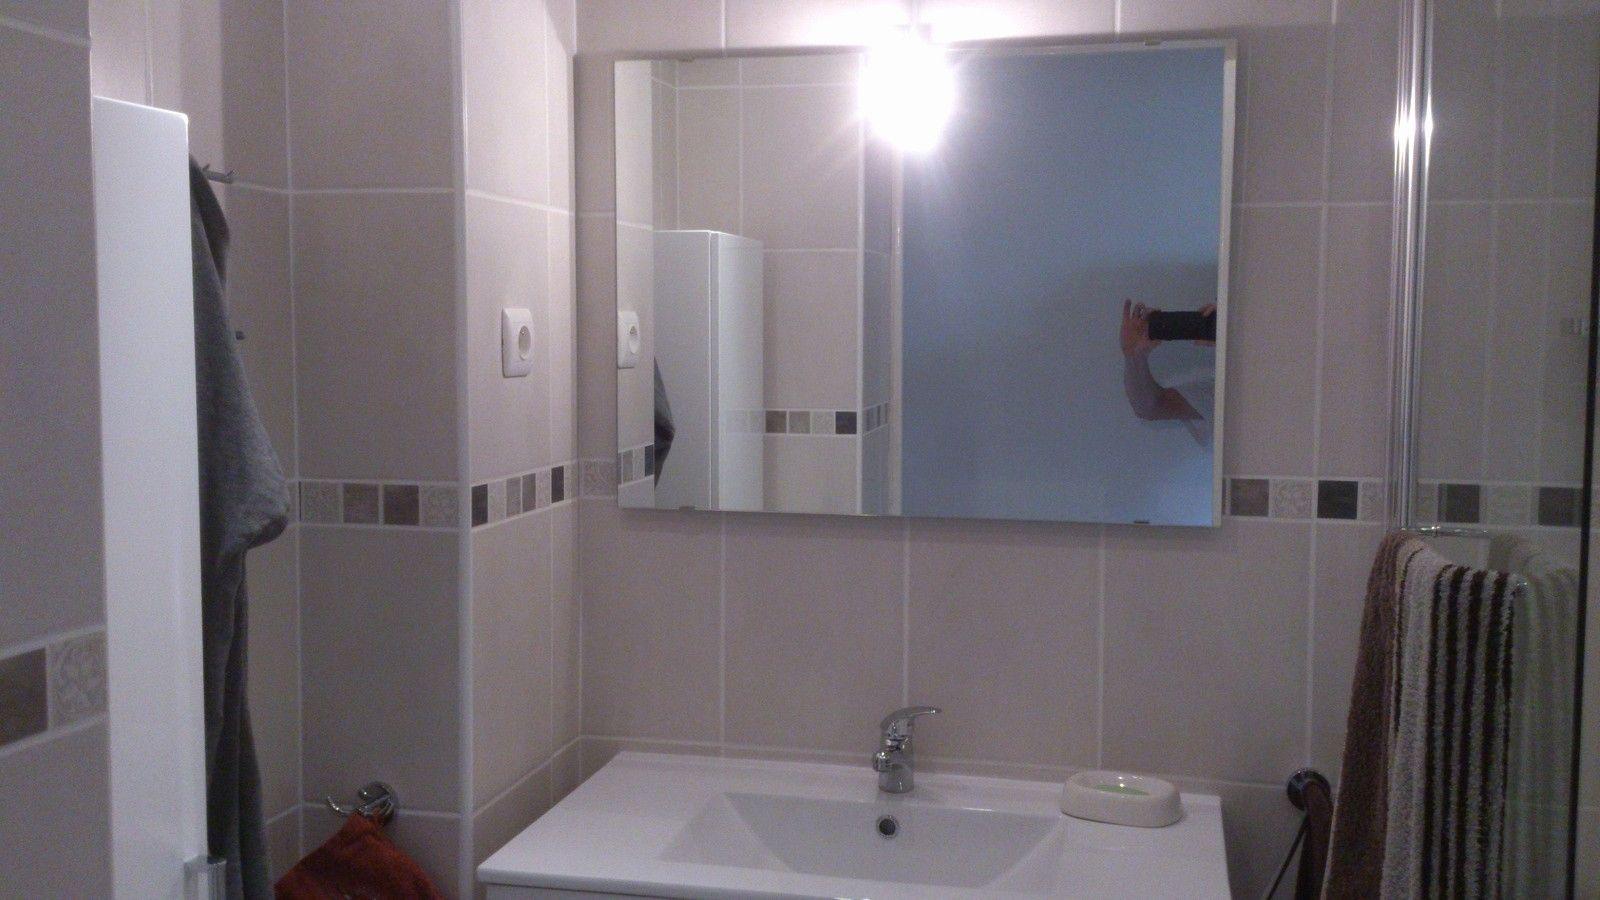 Habillage Baignoire Placo Hydrofuge Pour Maximiser Votre Disposition De Decoration Bathroom